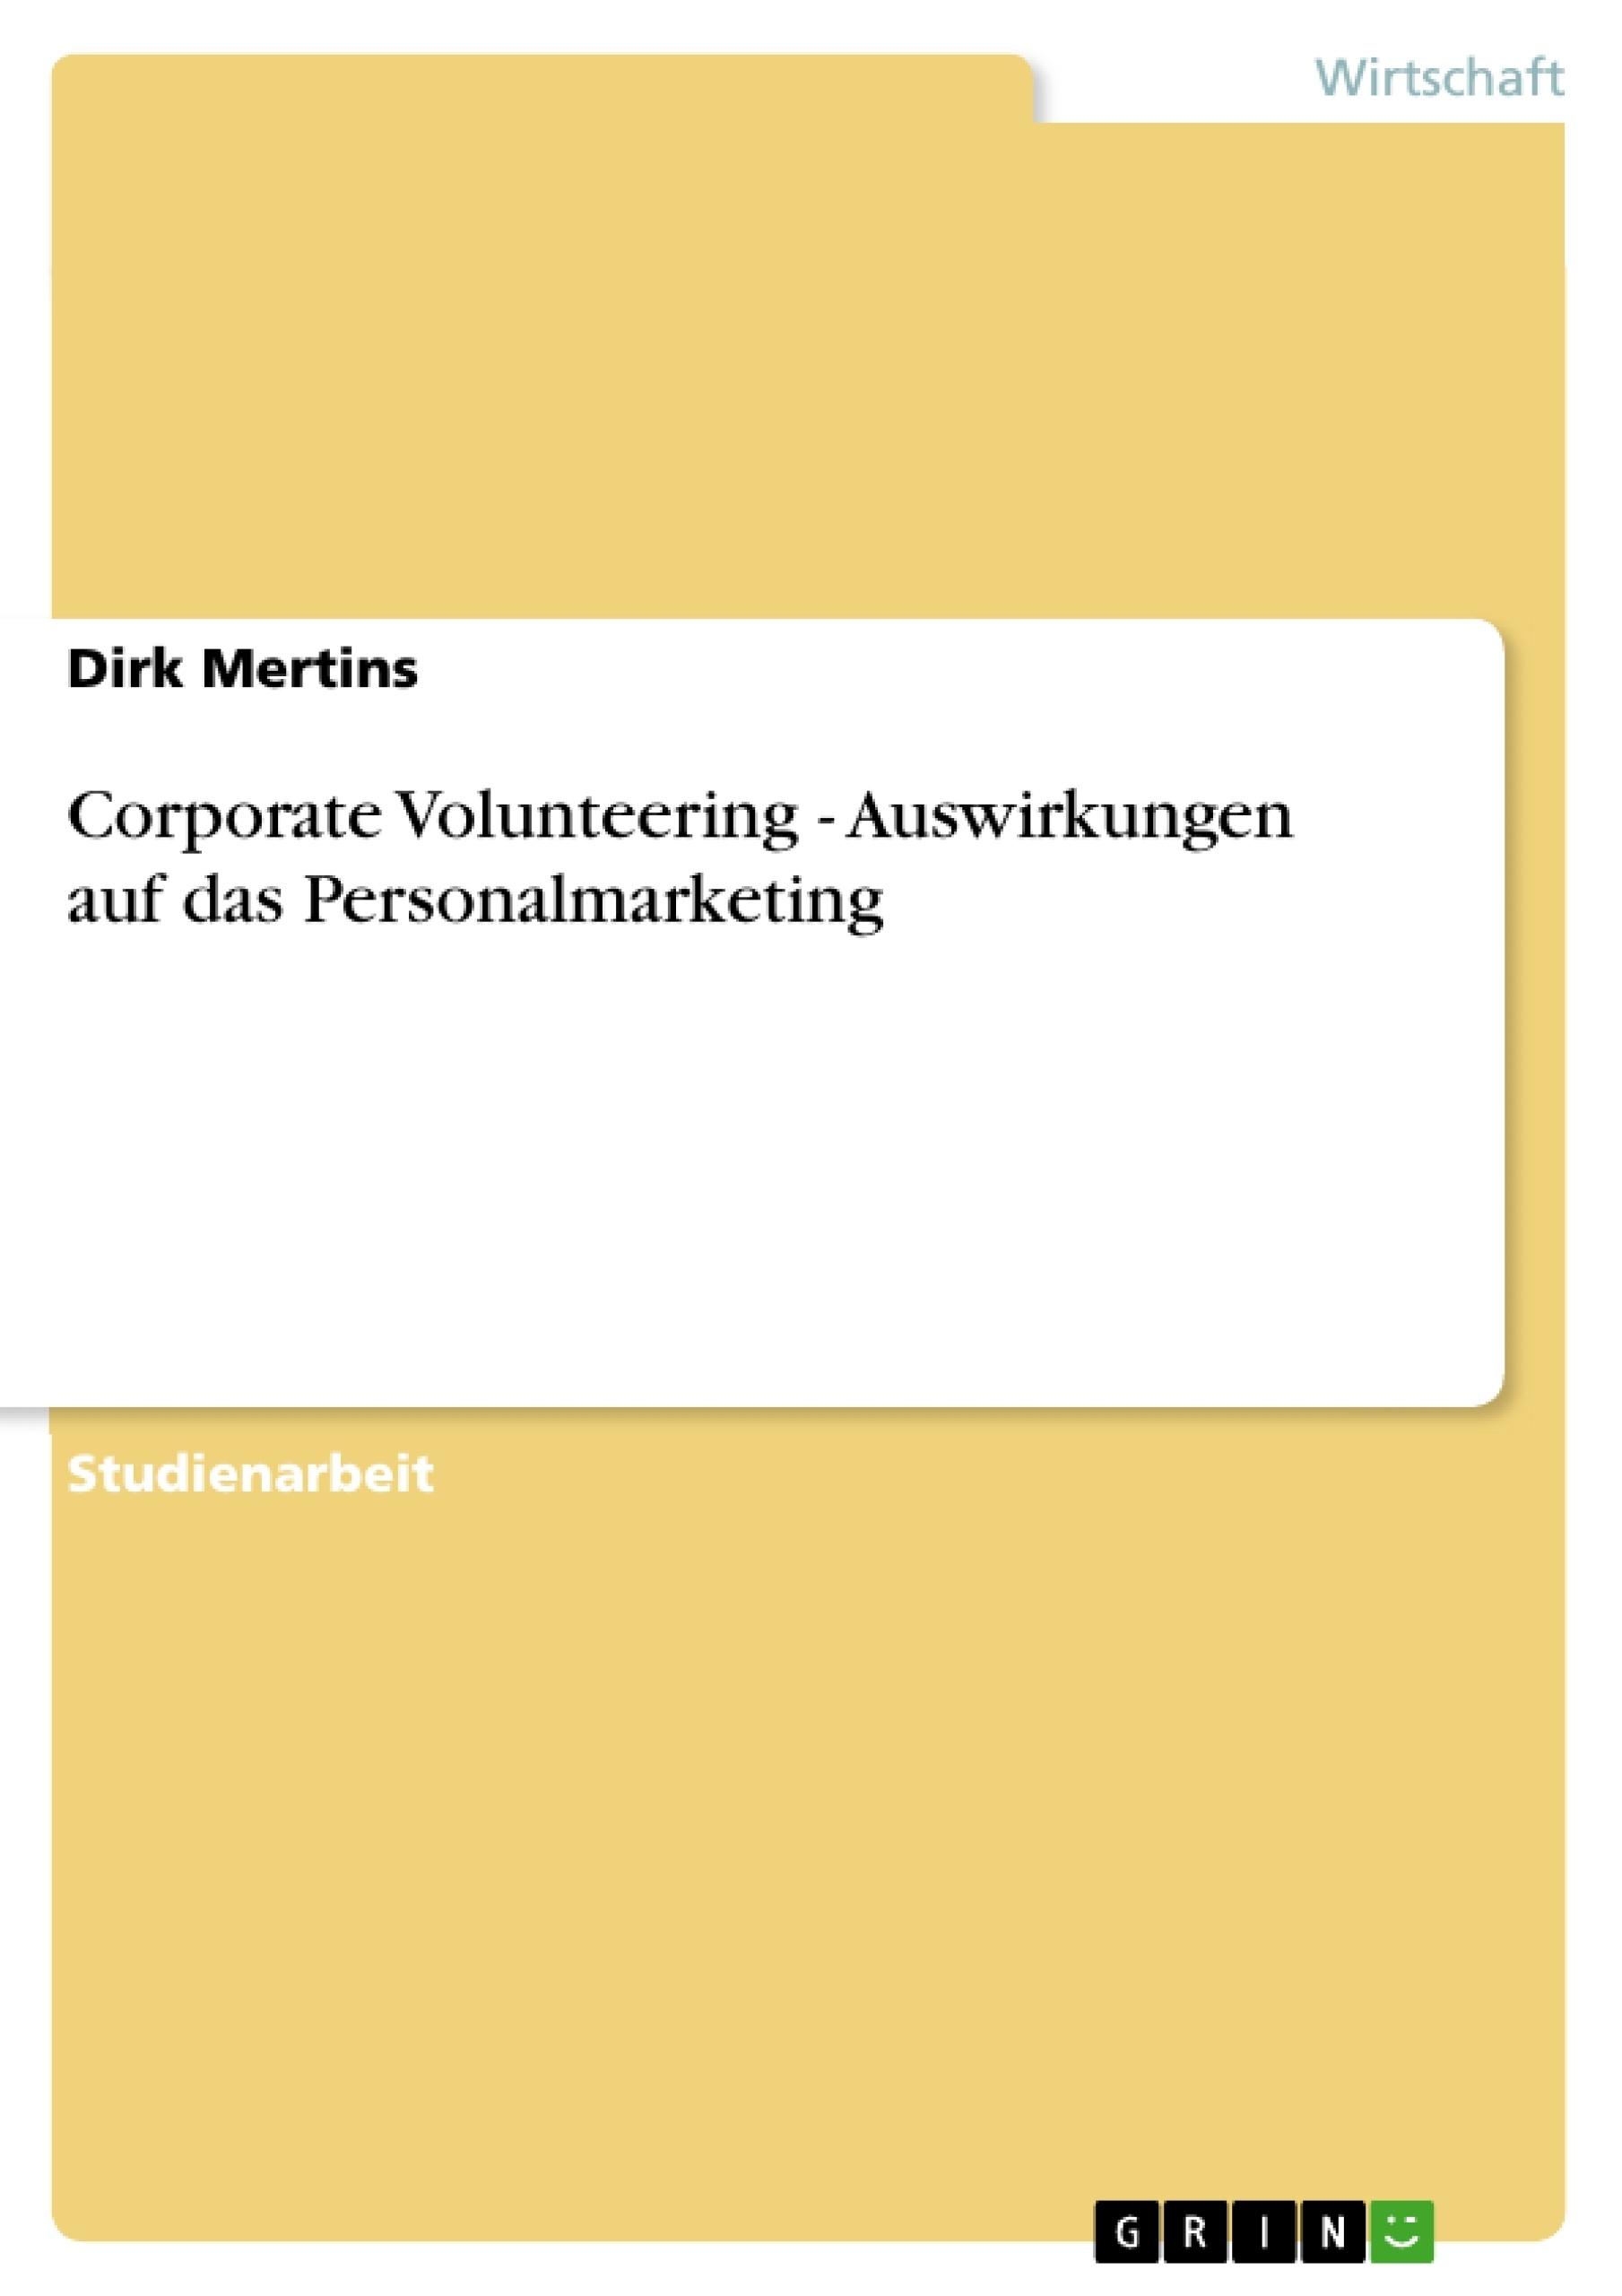 Titel: Corporate Volunteering - Auswirkungen auf das Personalmarketing